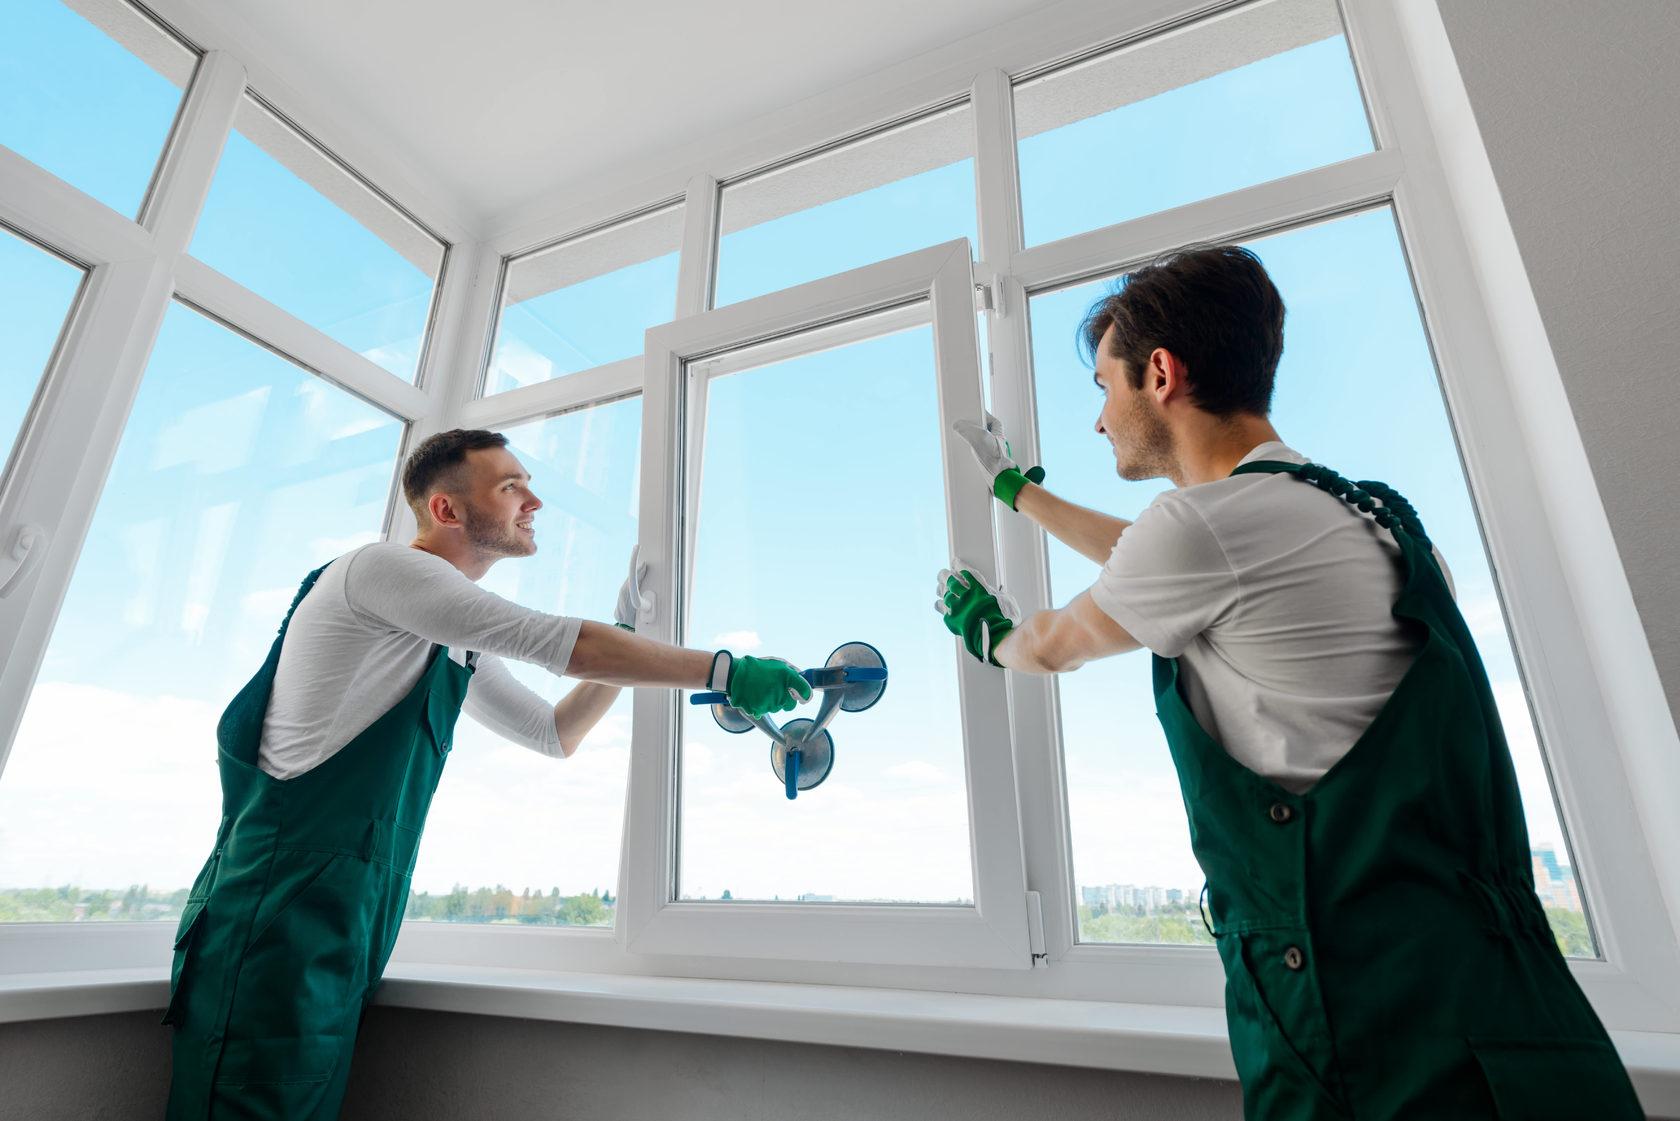 мы мастера картинки на окна том, чего вы